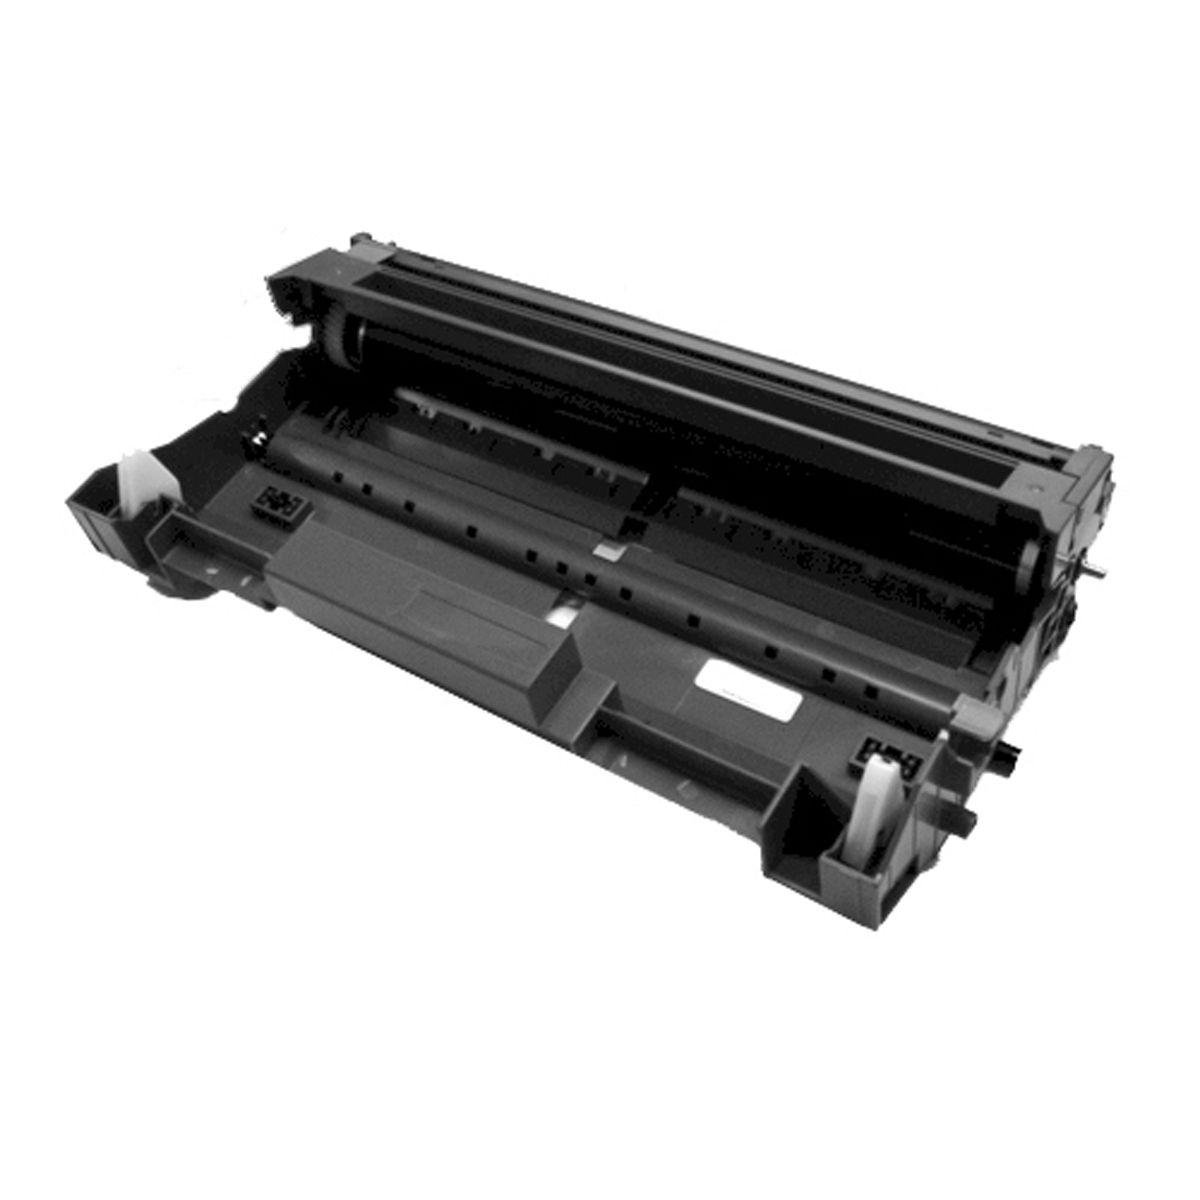 Fotocondutor DR620 DR-620 DR580 DR650 - HL5350 8480 8890 8080 8085 HL5240 5250D DCP8065